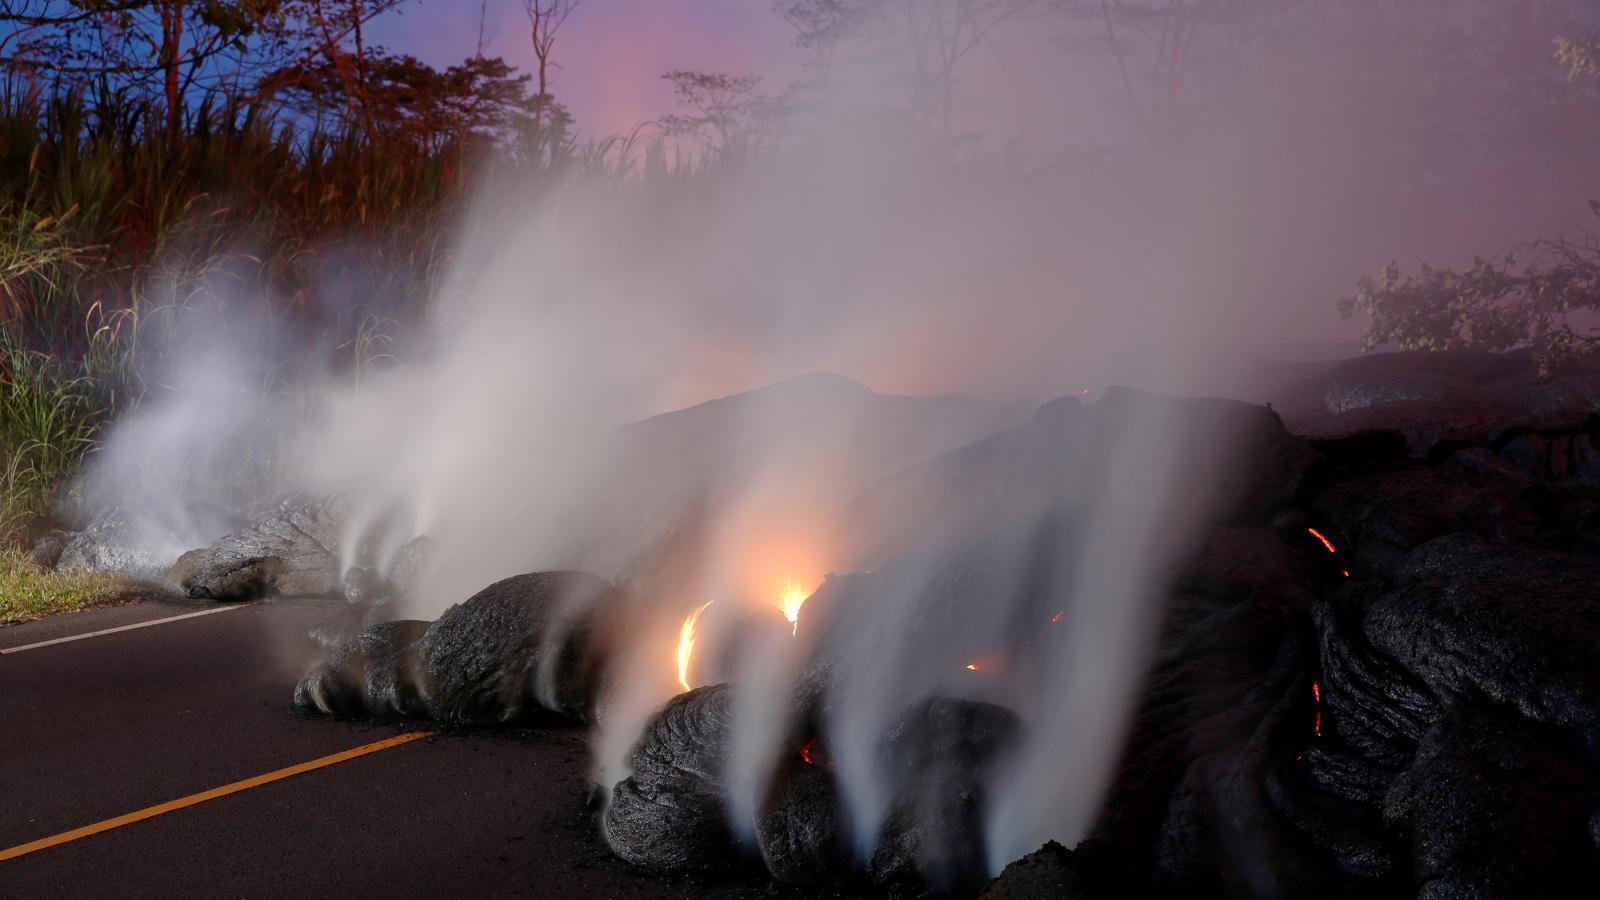 Láva zatarasila jednu z hlavních silnic na havajském Velkém ostrově